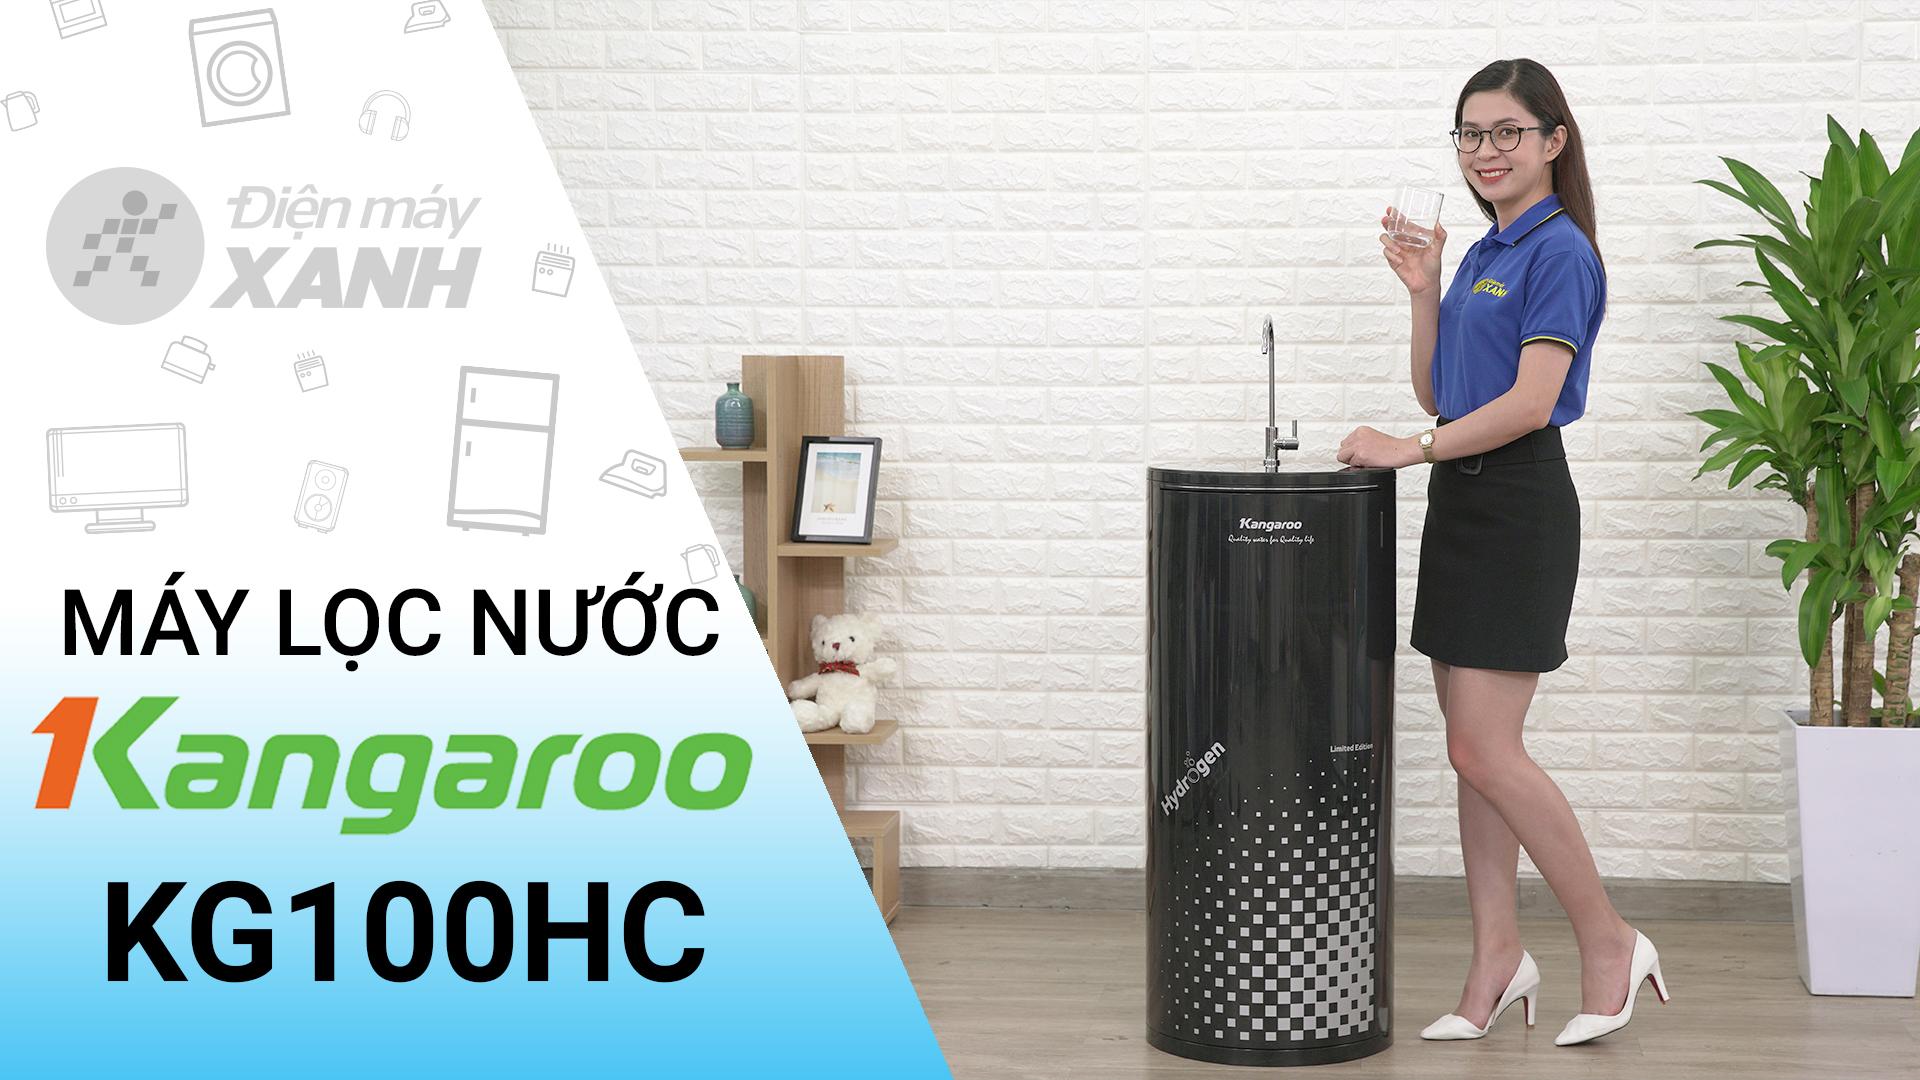 Máy lọc nước R.O Hydrogen Kangaroo KG100HC 10 lõi